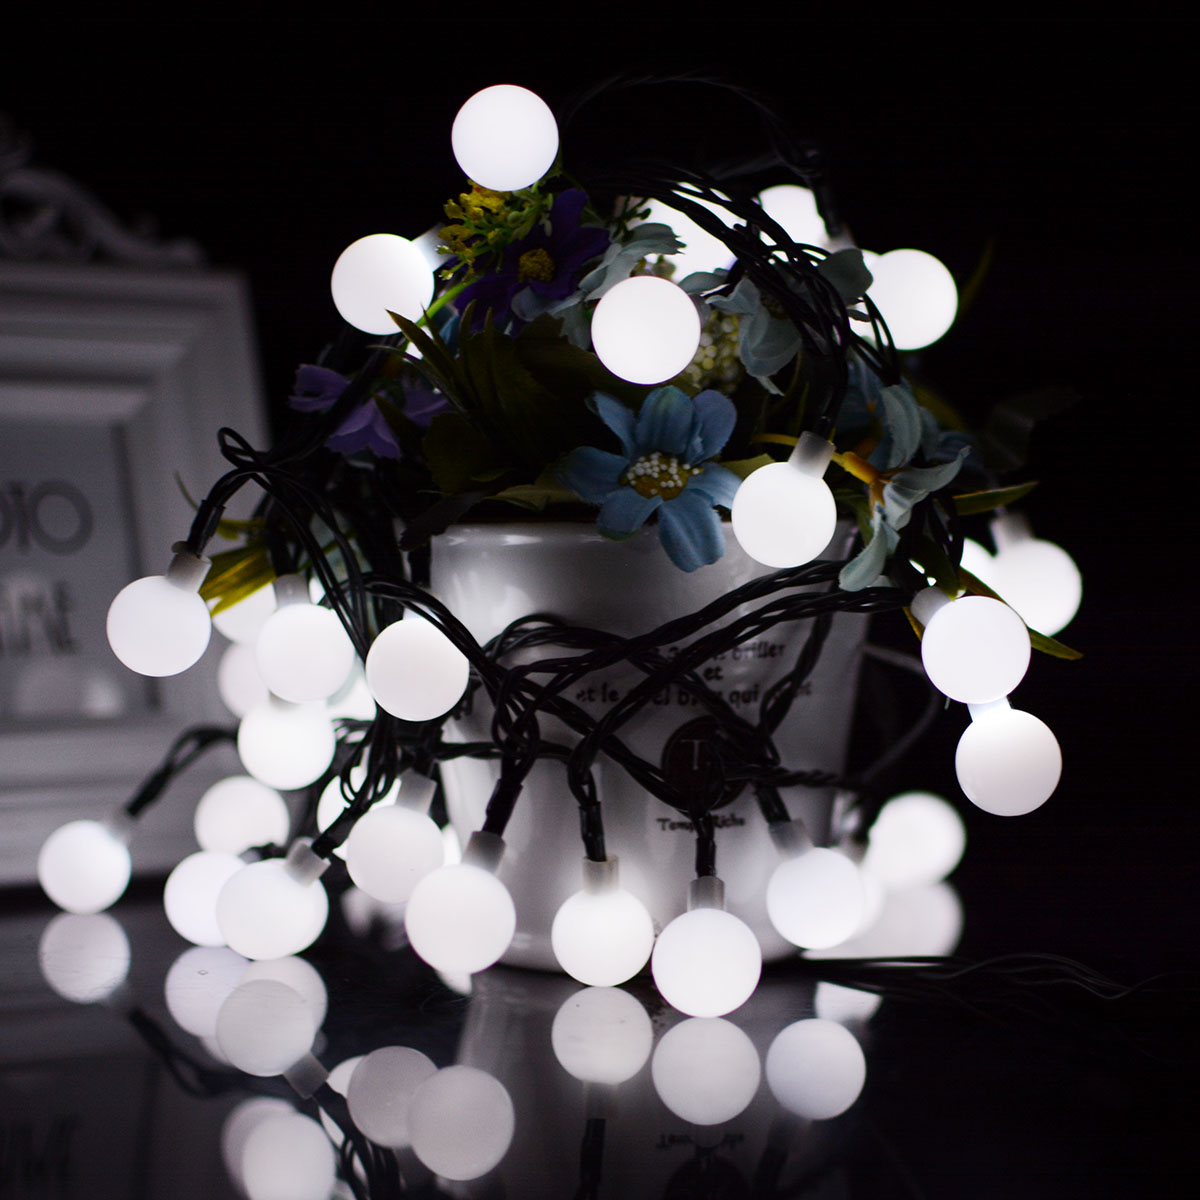 7M 50LEDs Waterproof White Ball Shape Solar Powered String Light for Decoration White light_(ME0004001)